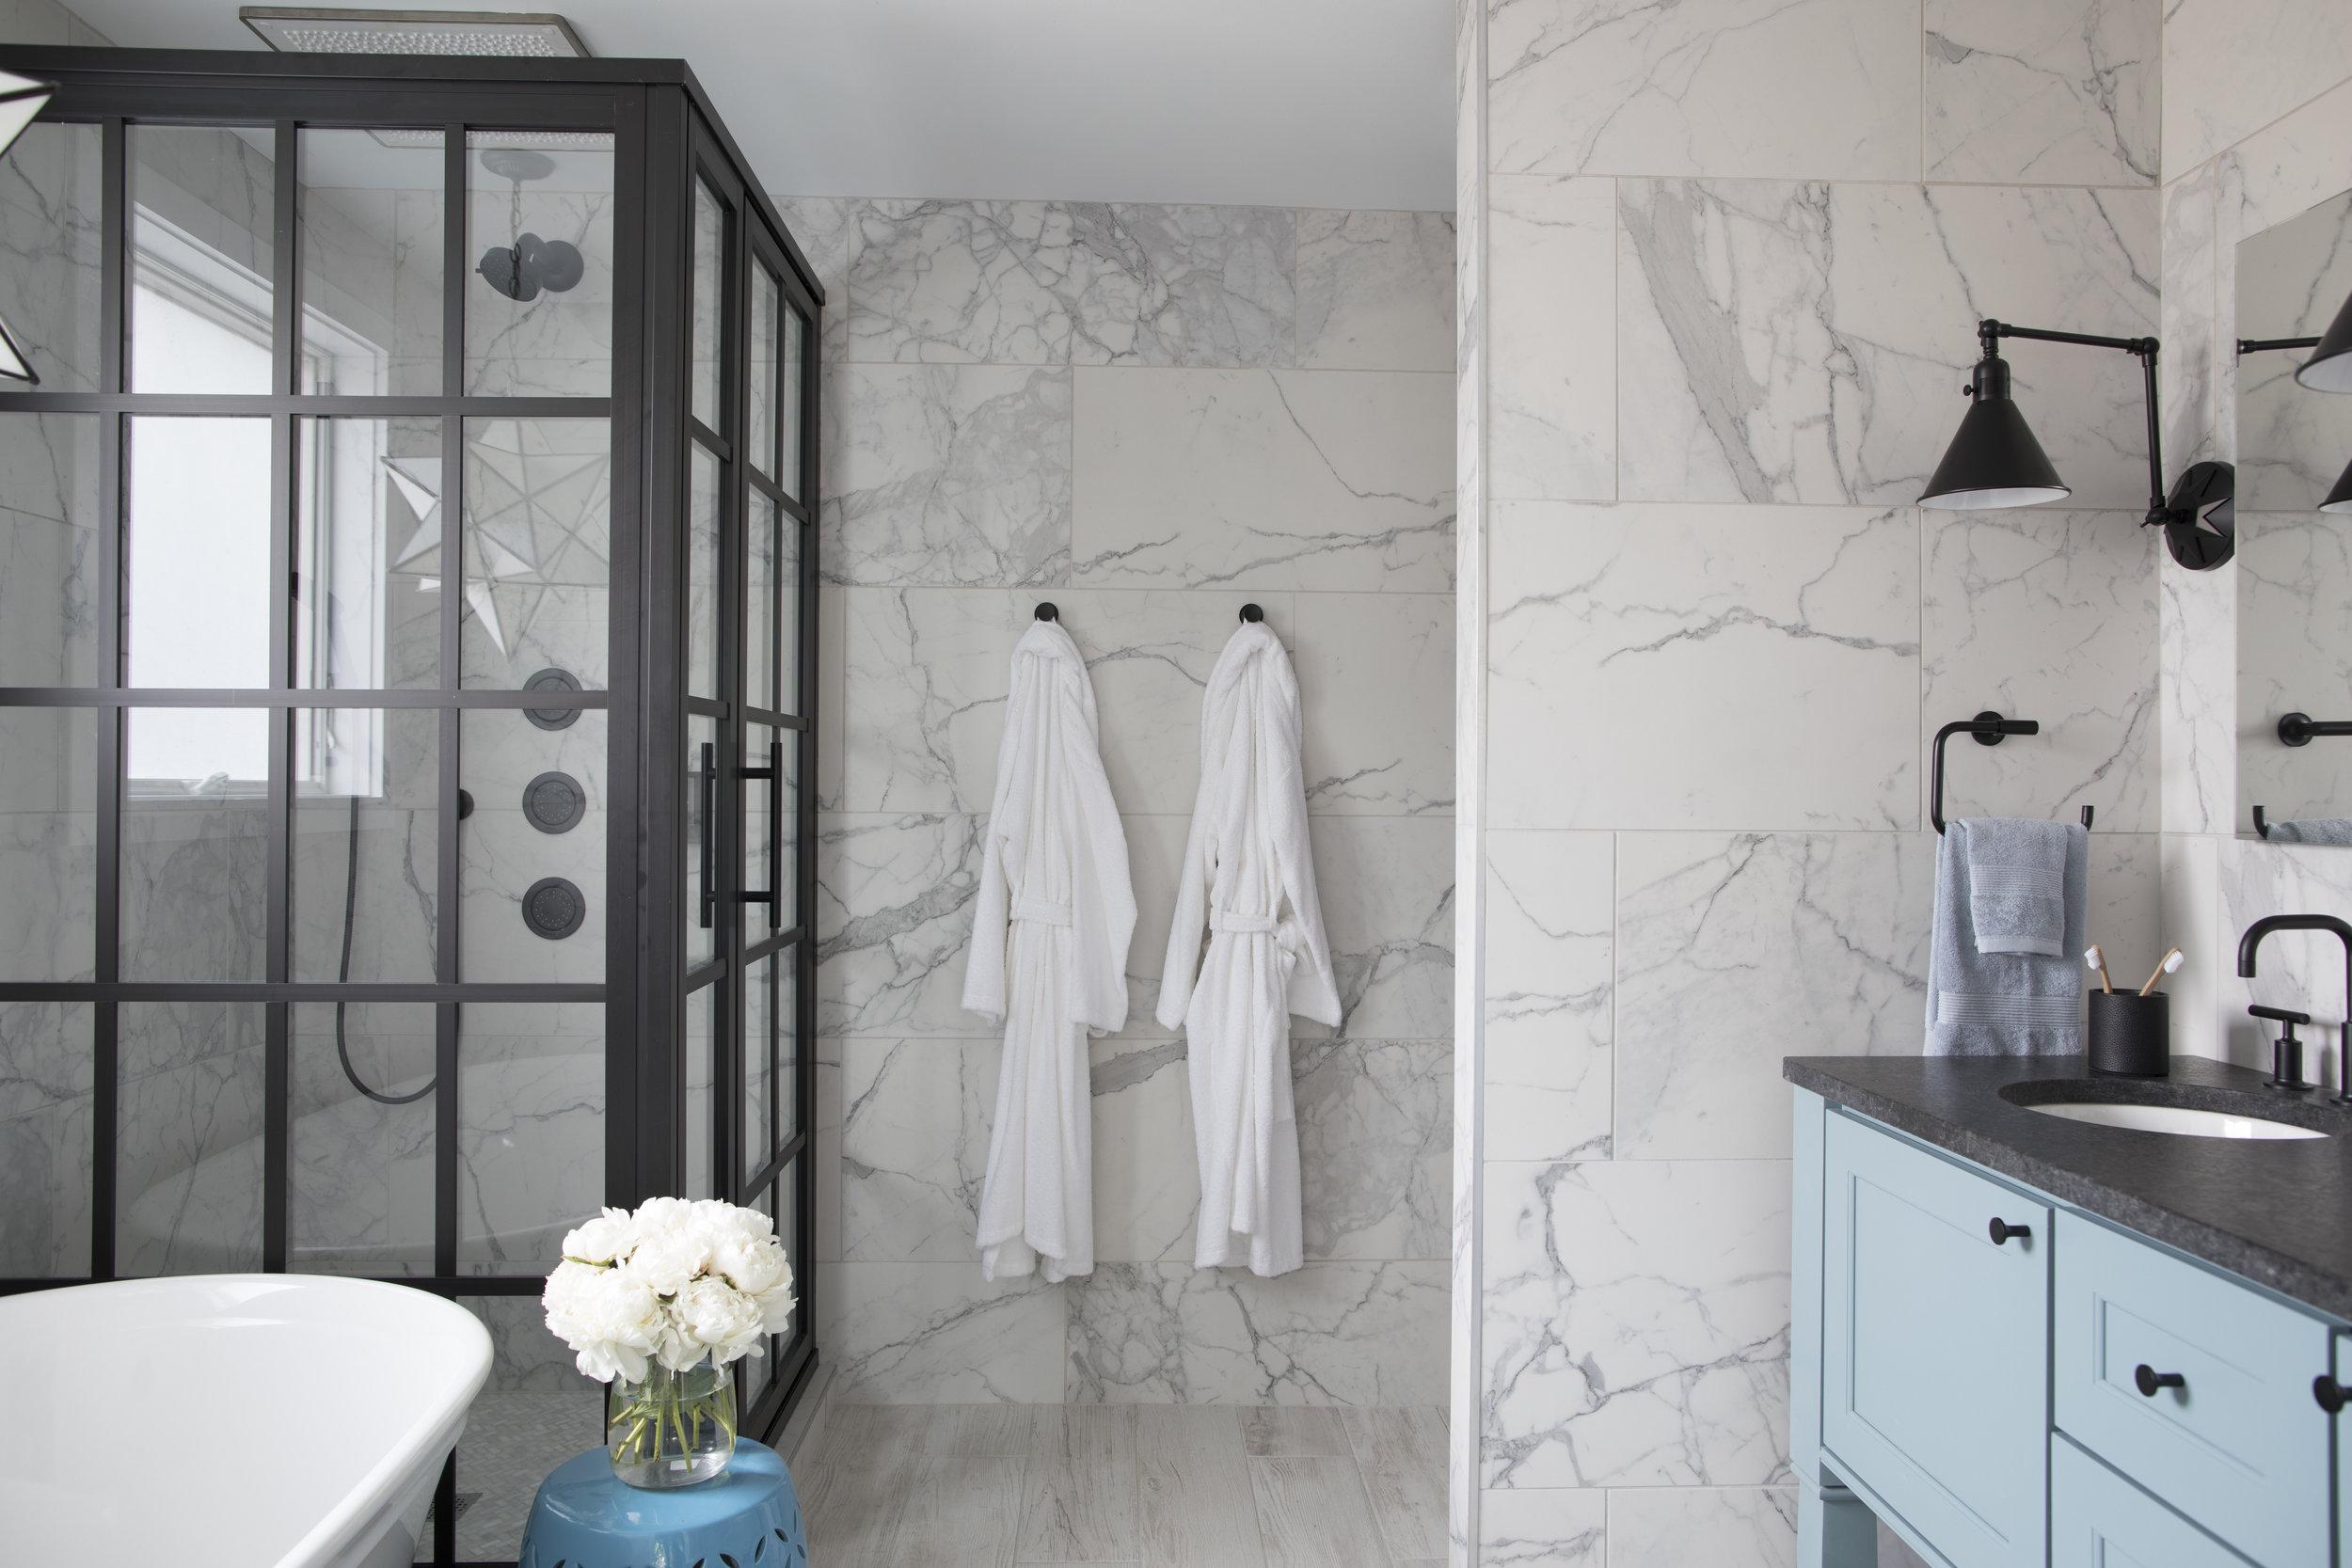 uo2018_master-bath-14-shower-vanity-tub-wide_IMG_0862_h.jpg